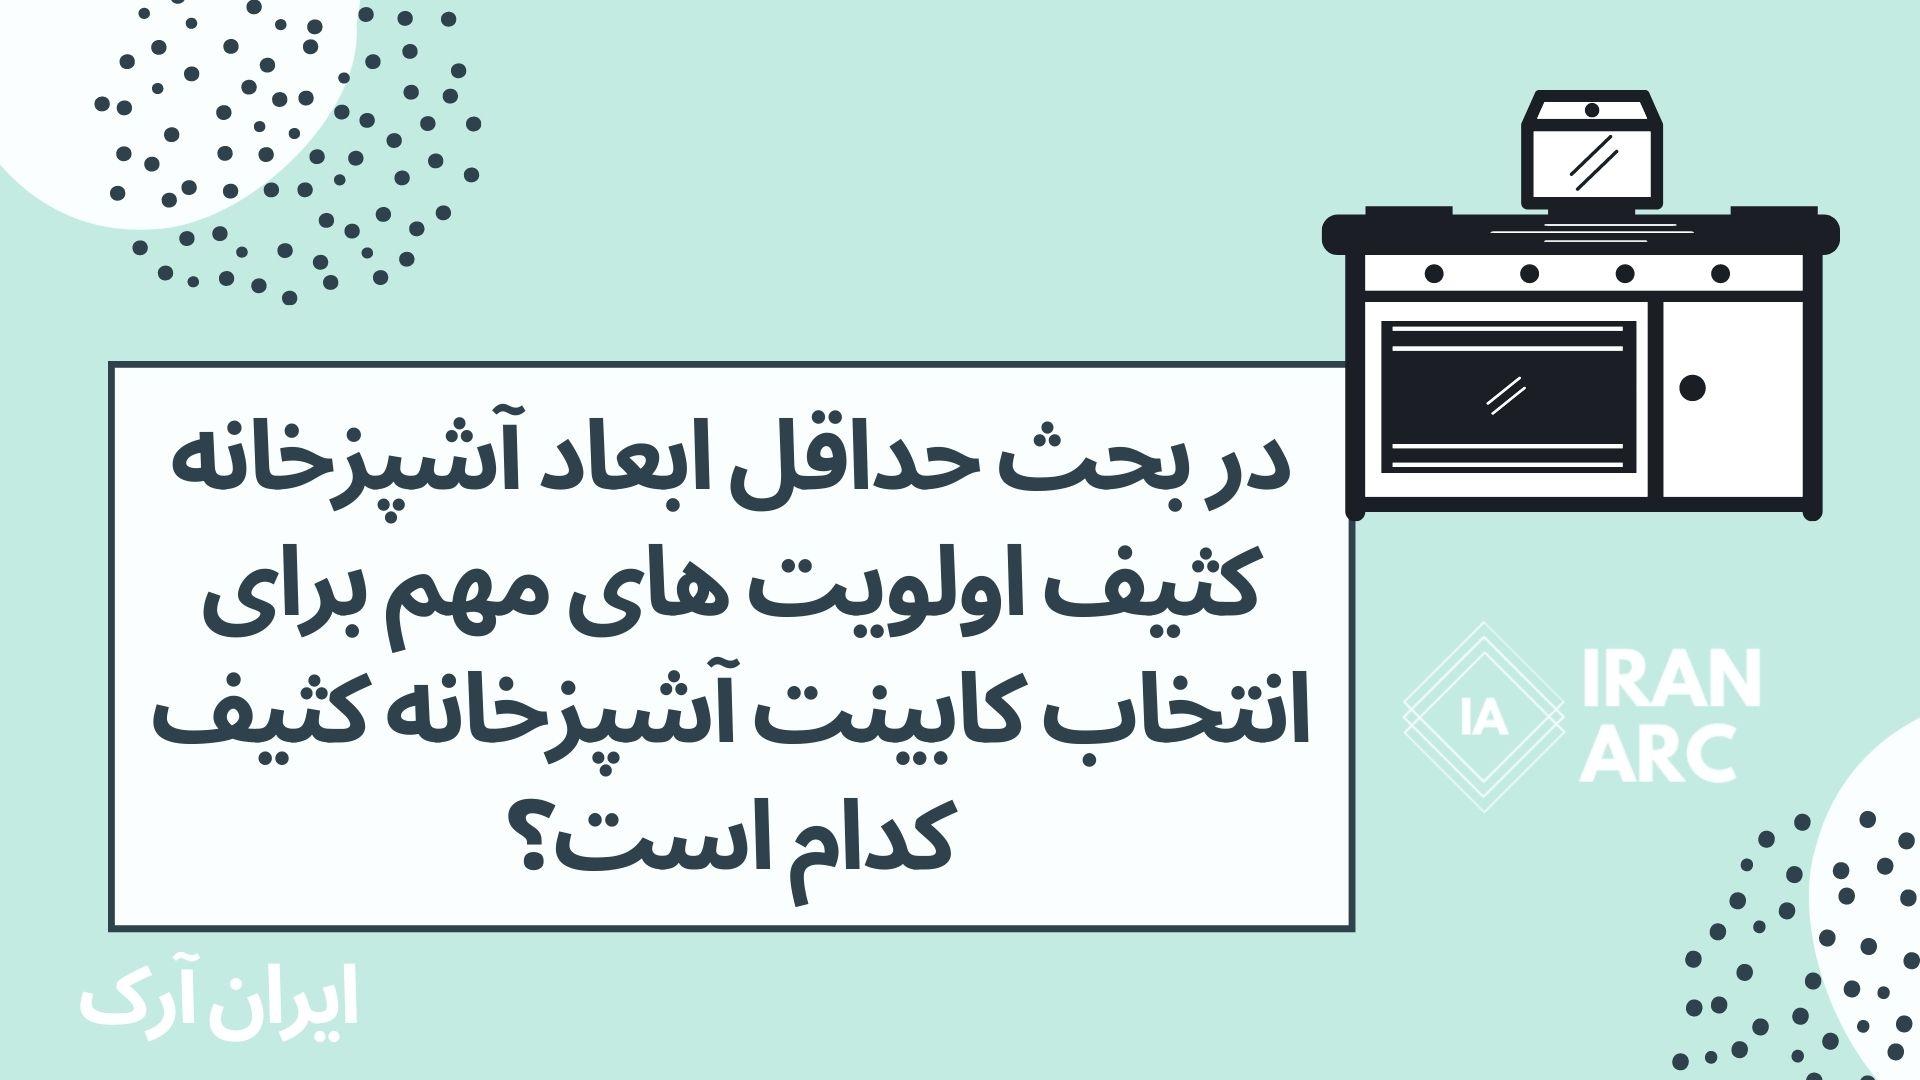 در بحث حداقل ابعاد آشپزخانه کثیف اولویت های مهم برای انتخاب کابینت آشپزخانه کثیف کدام است؟